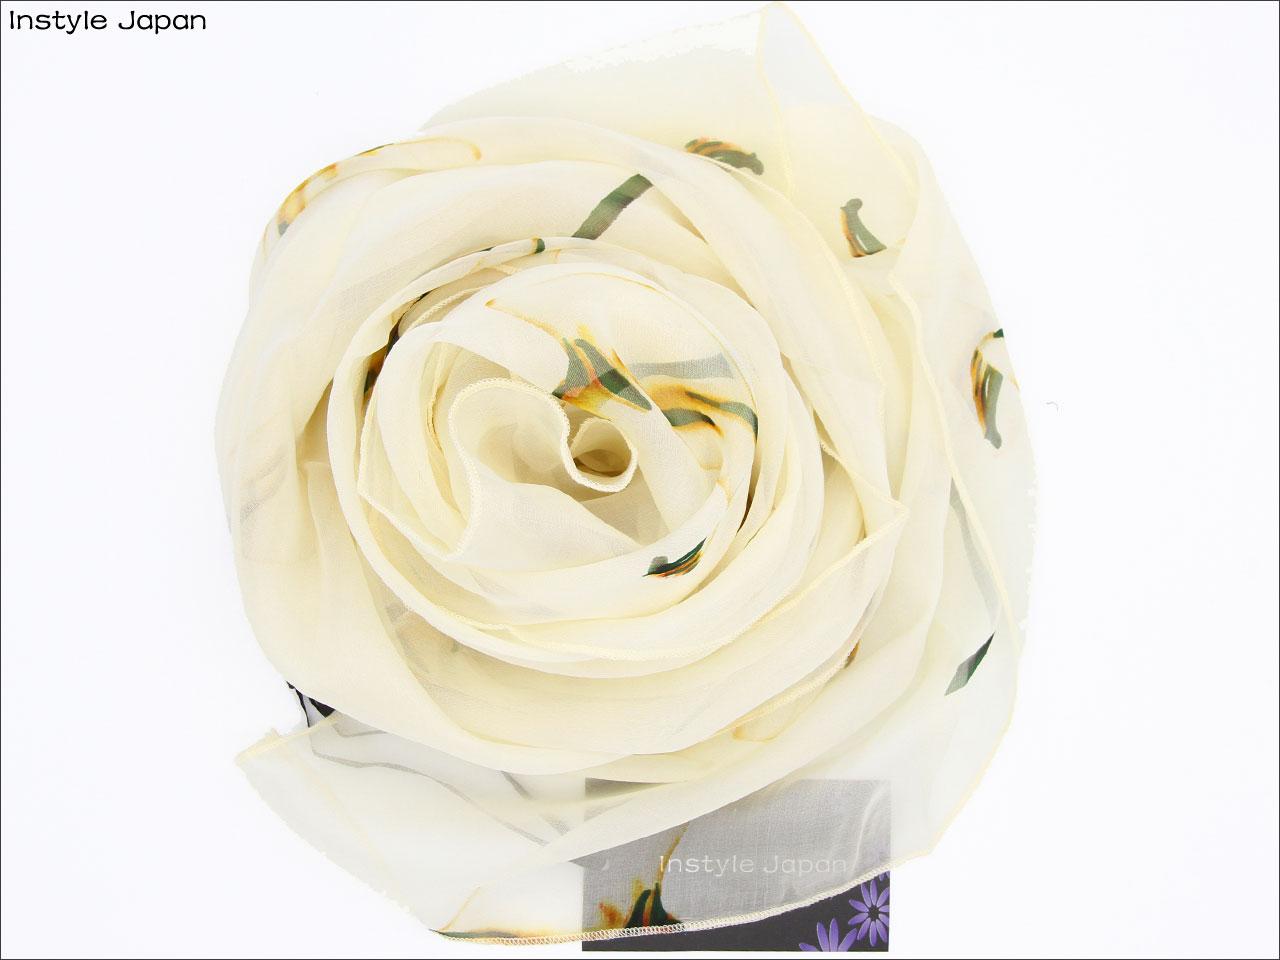 スカーフ シルク100% 大判 ストール マフラー シフォン カラー B リリー ゆり 百合 calla lily Arum 白 花 ブライダル フォーマル セレモニー 絹 天然素材 敏感肌 紫外線防止 UV 防寒 コンパクト パーティー ドレス Bサイズ:195×65cm